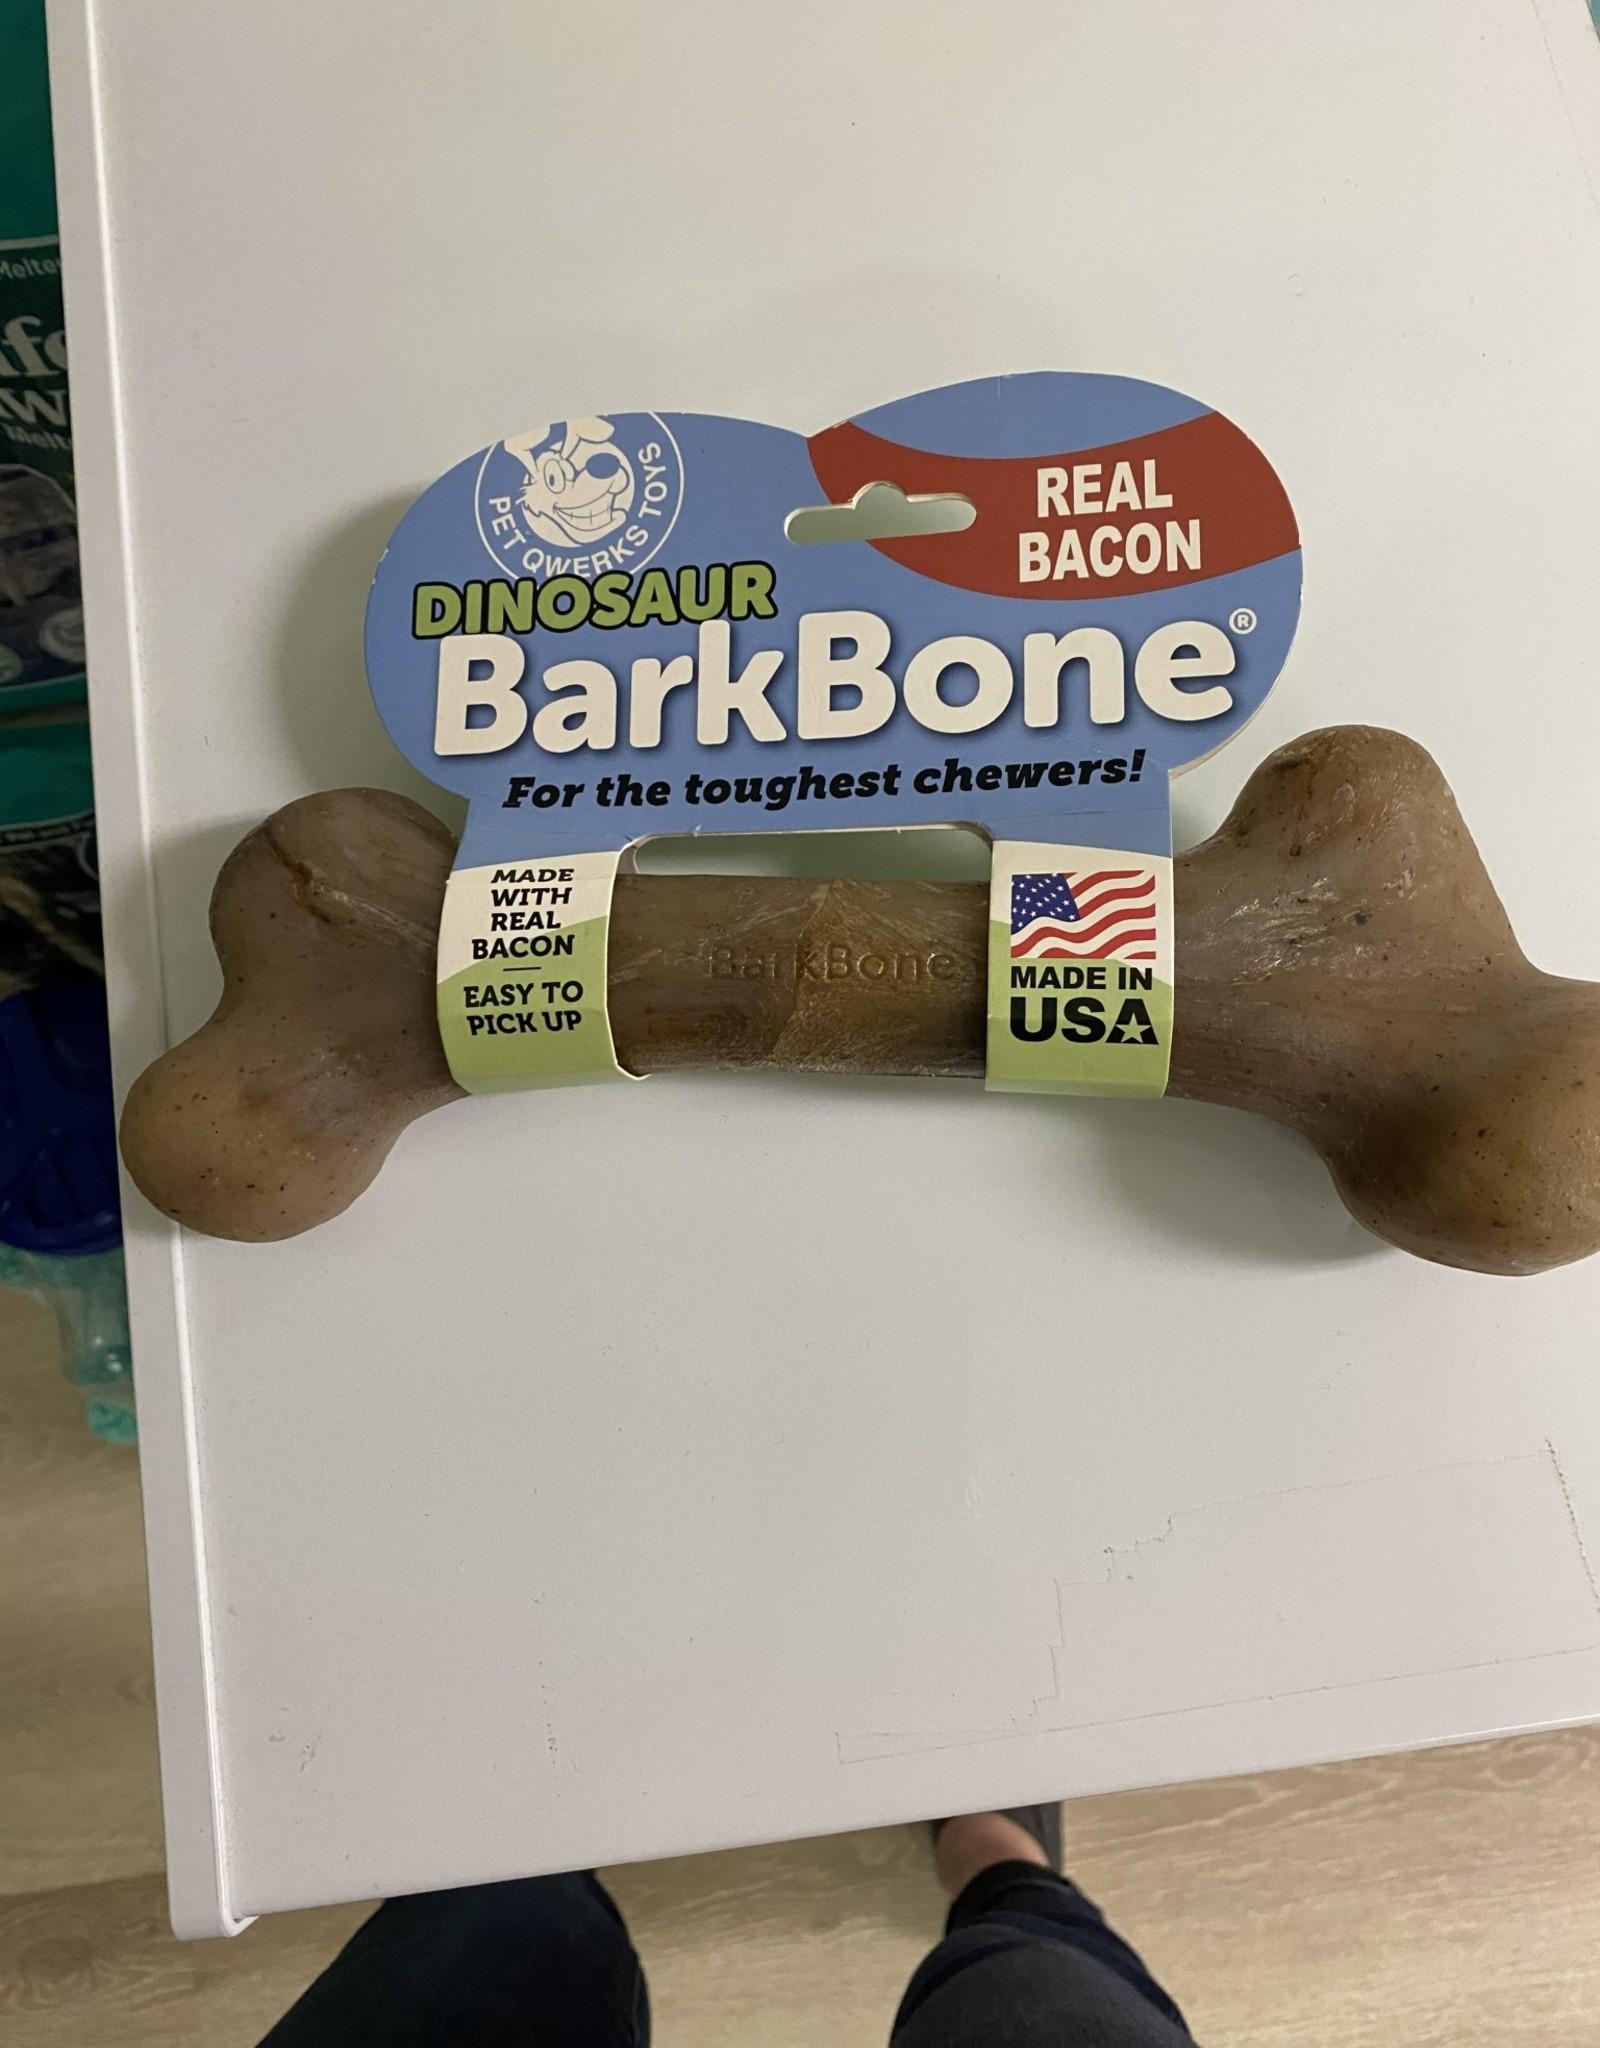 Barkbone Dinosaur Barkbone Bacon XXX-Large